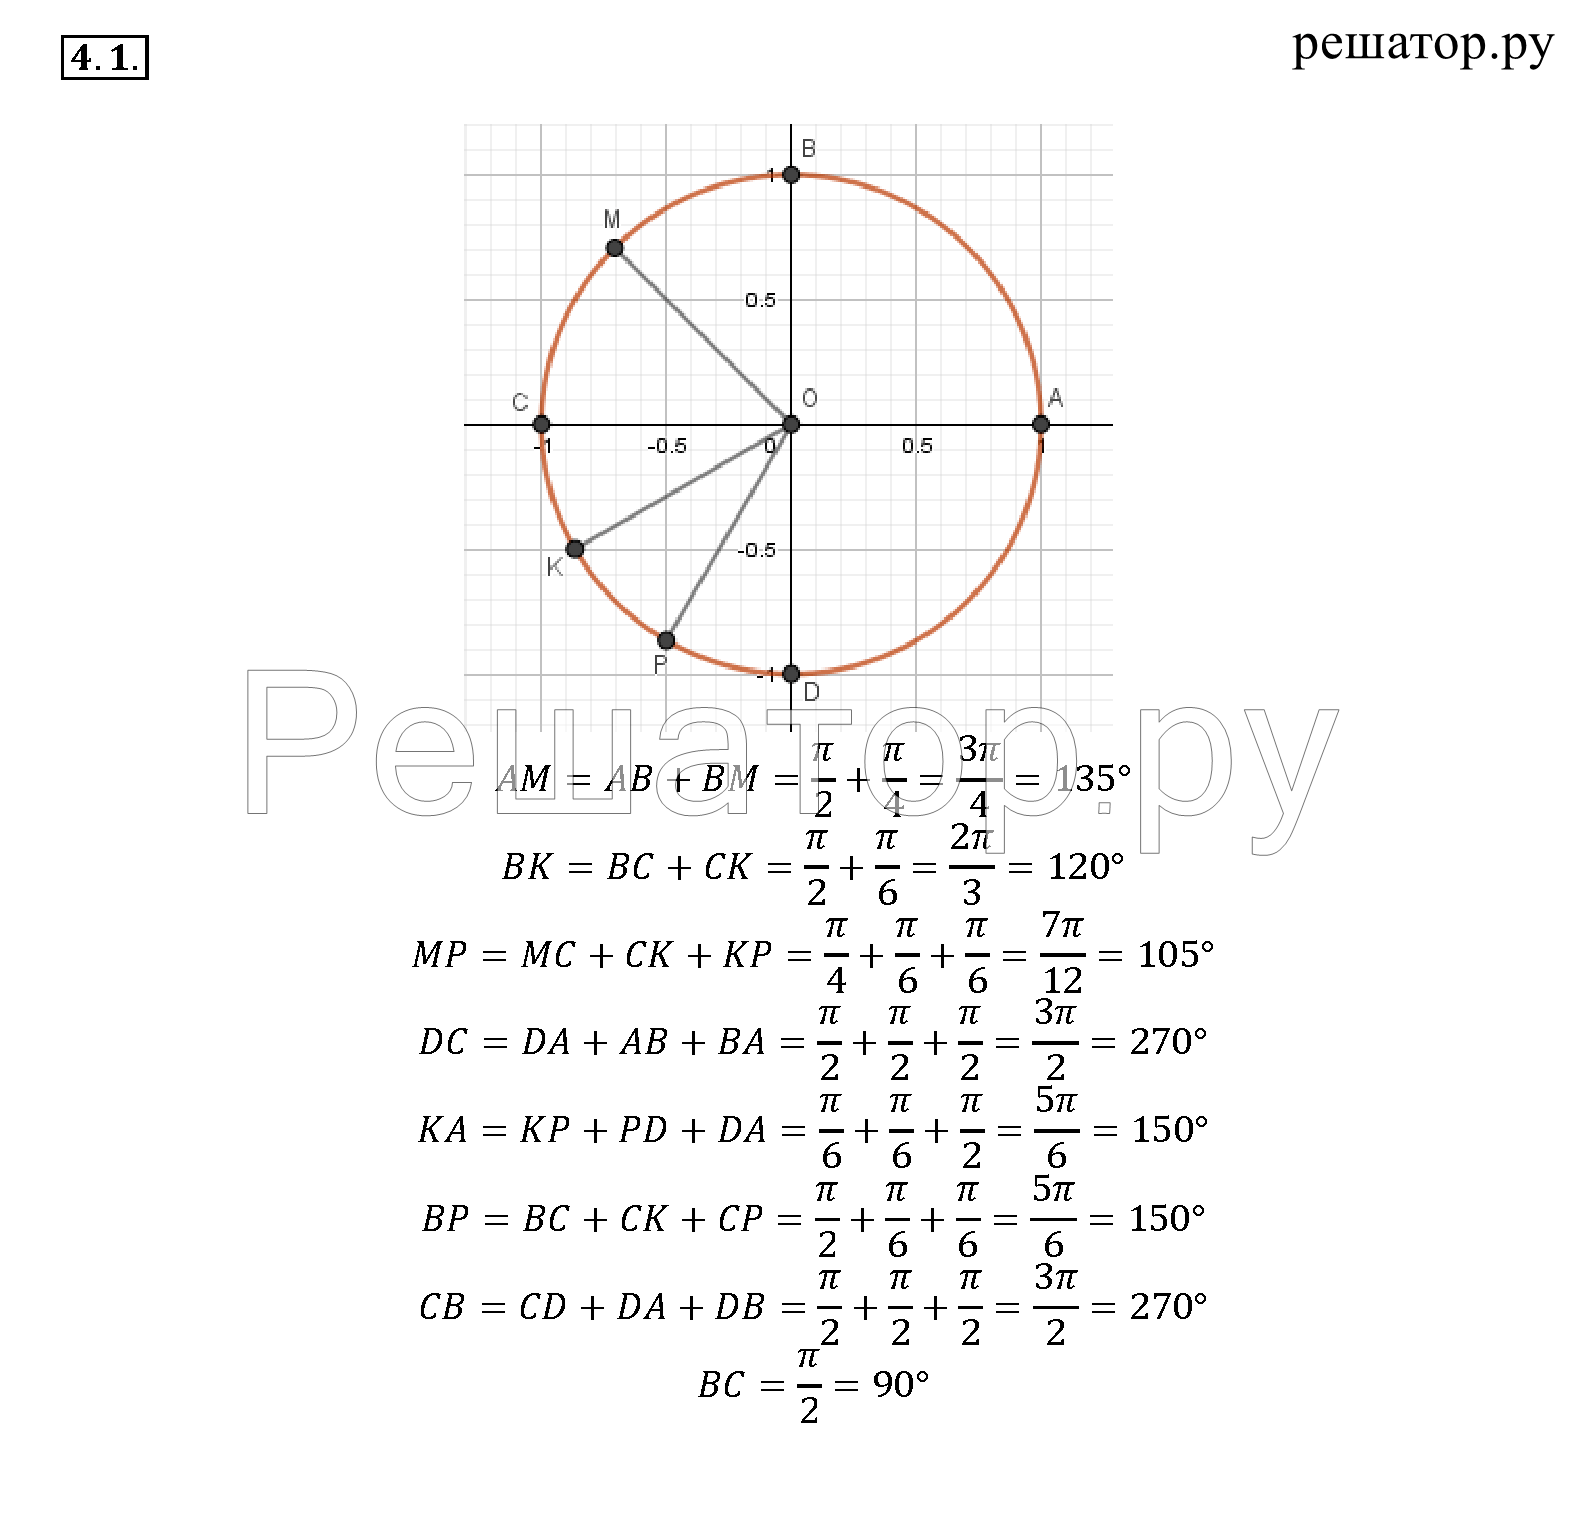 гдз по алгебре за 11 класс мордкович